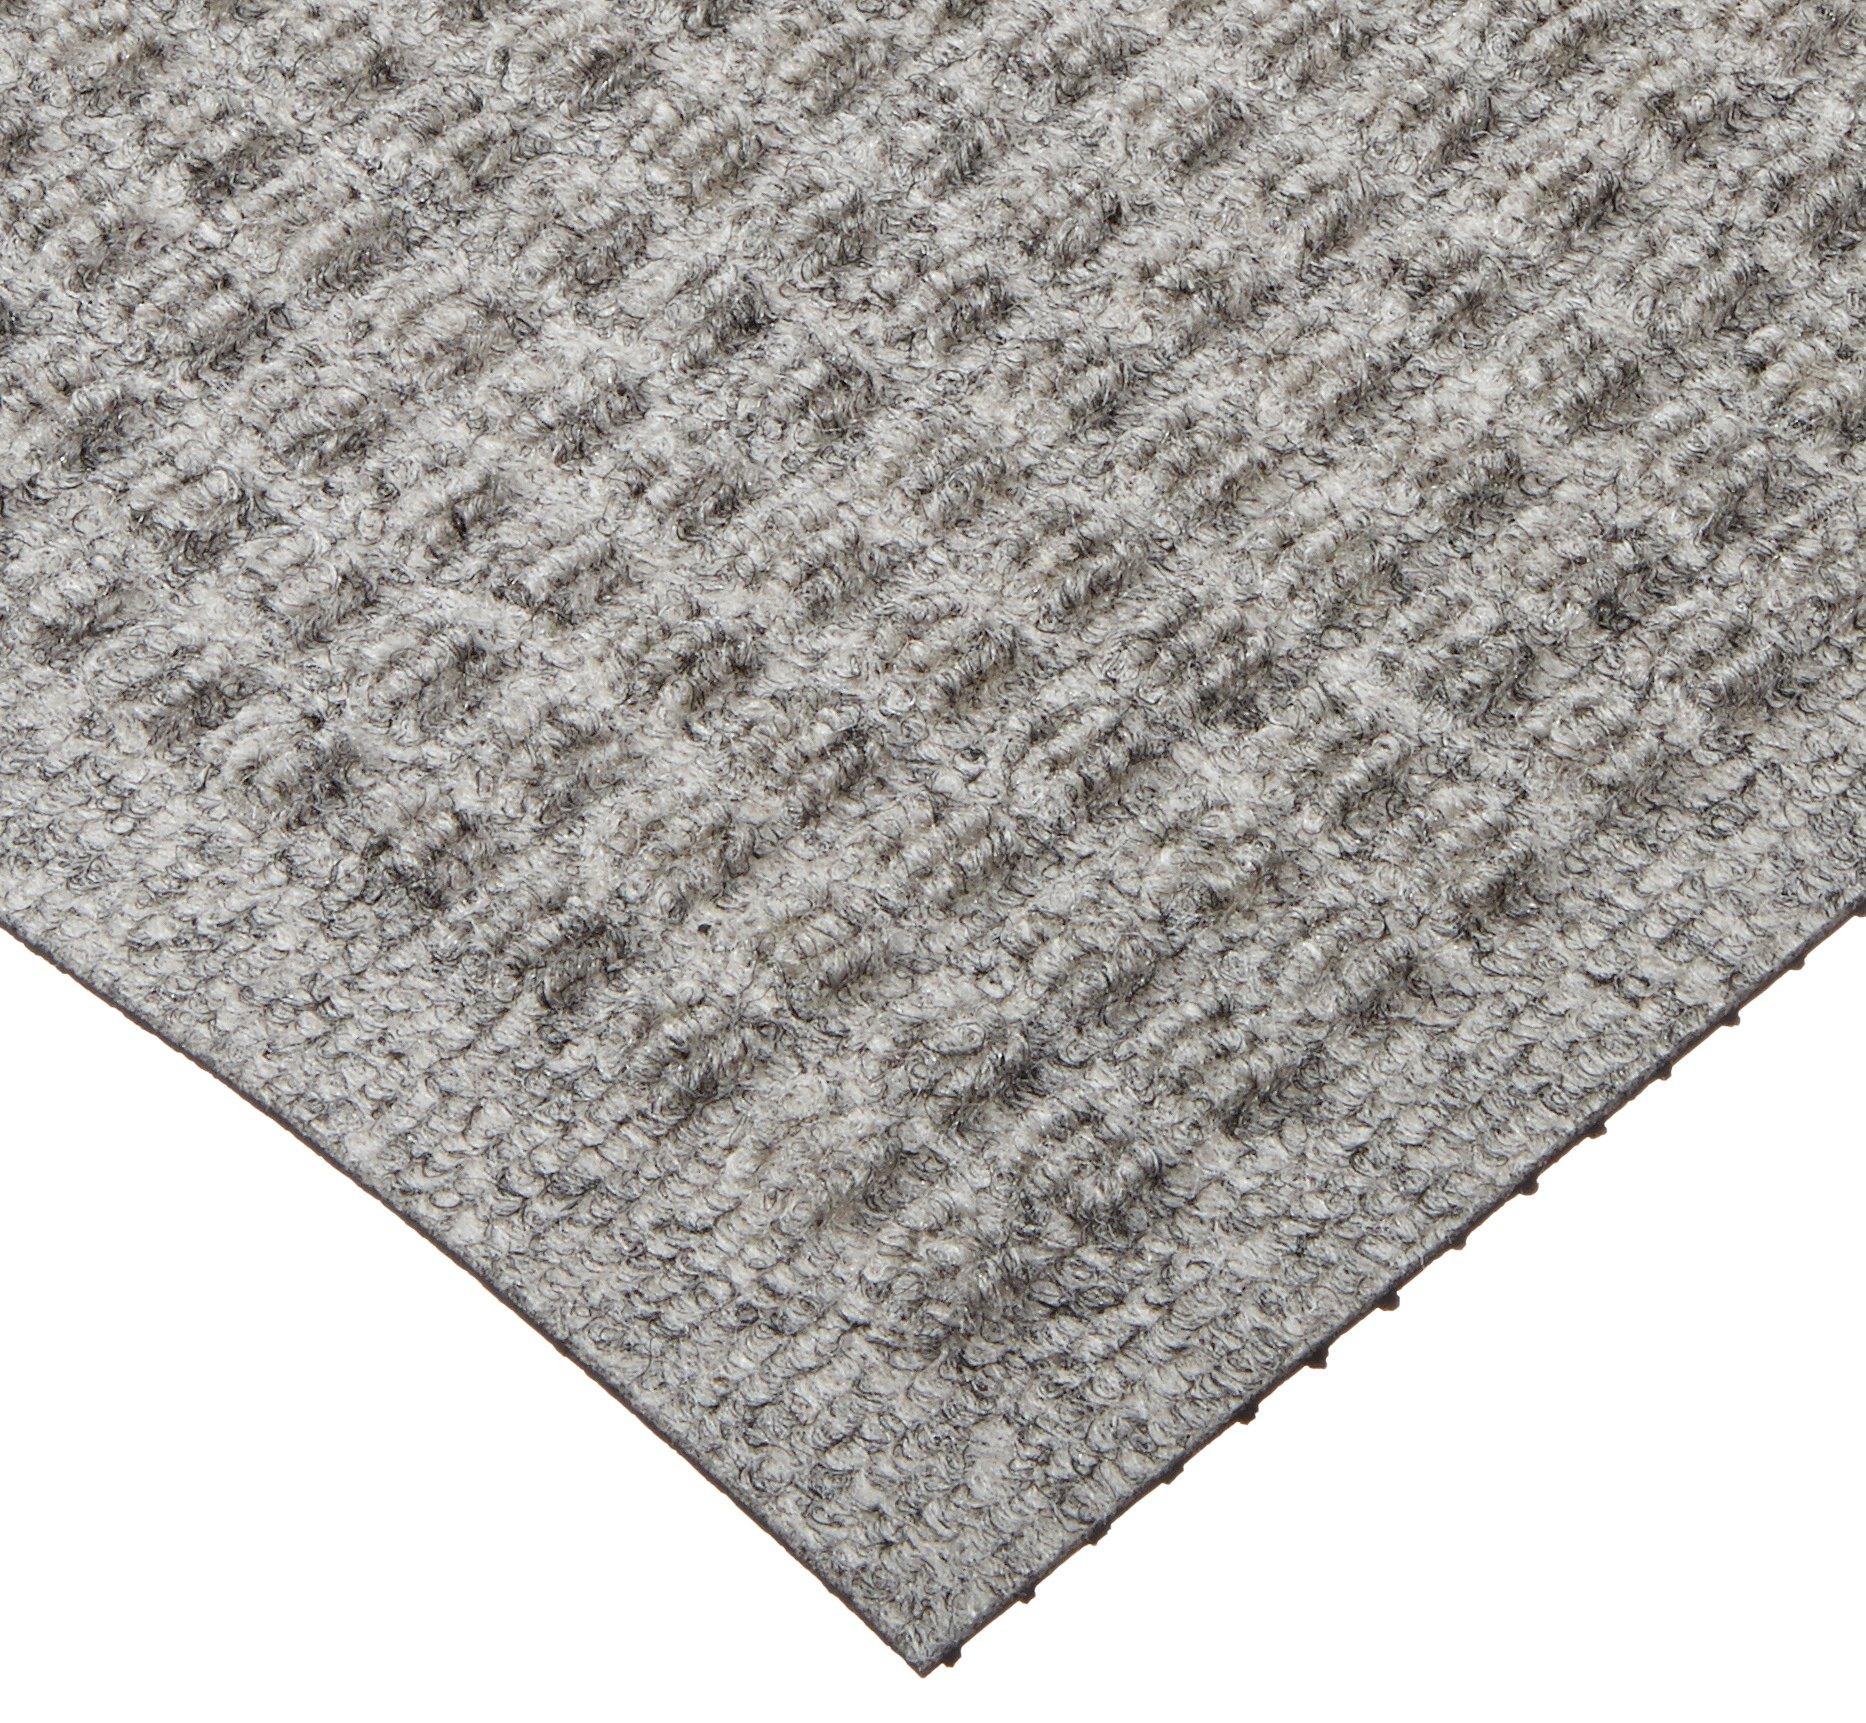 M+A Matting 250 WaterHog Drainable Polypropylene Entrance Outdoor Floor Mat, 3' Length x 2' Width, Medium Grey